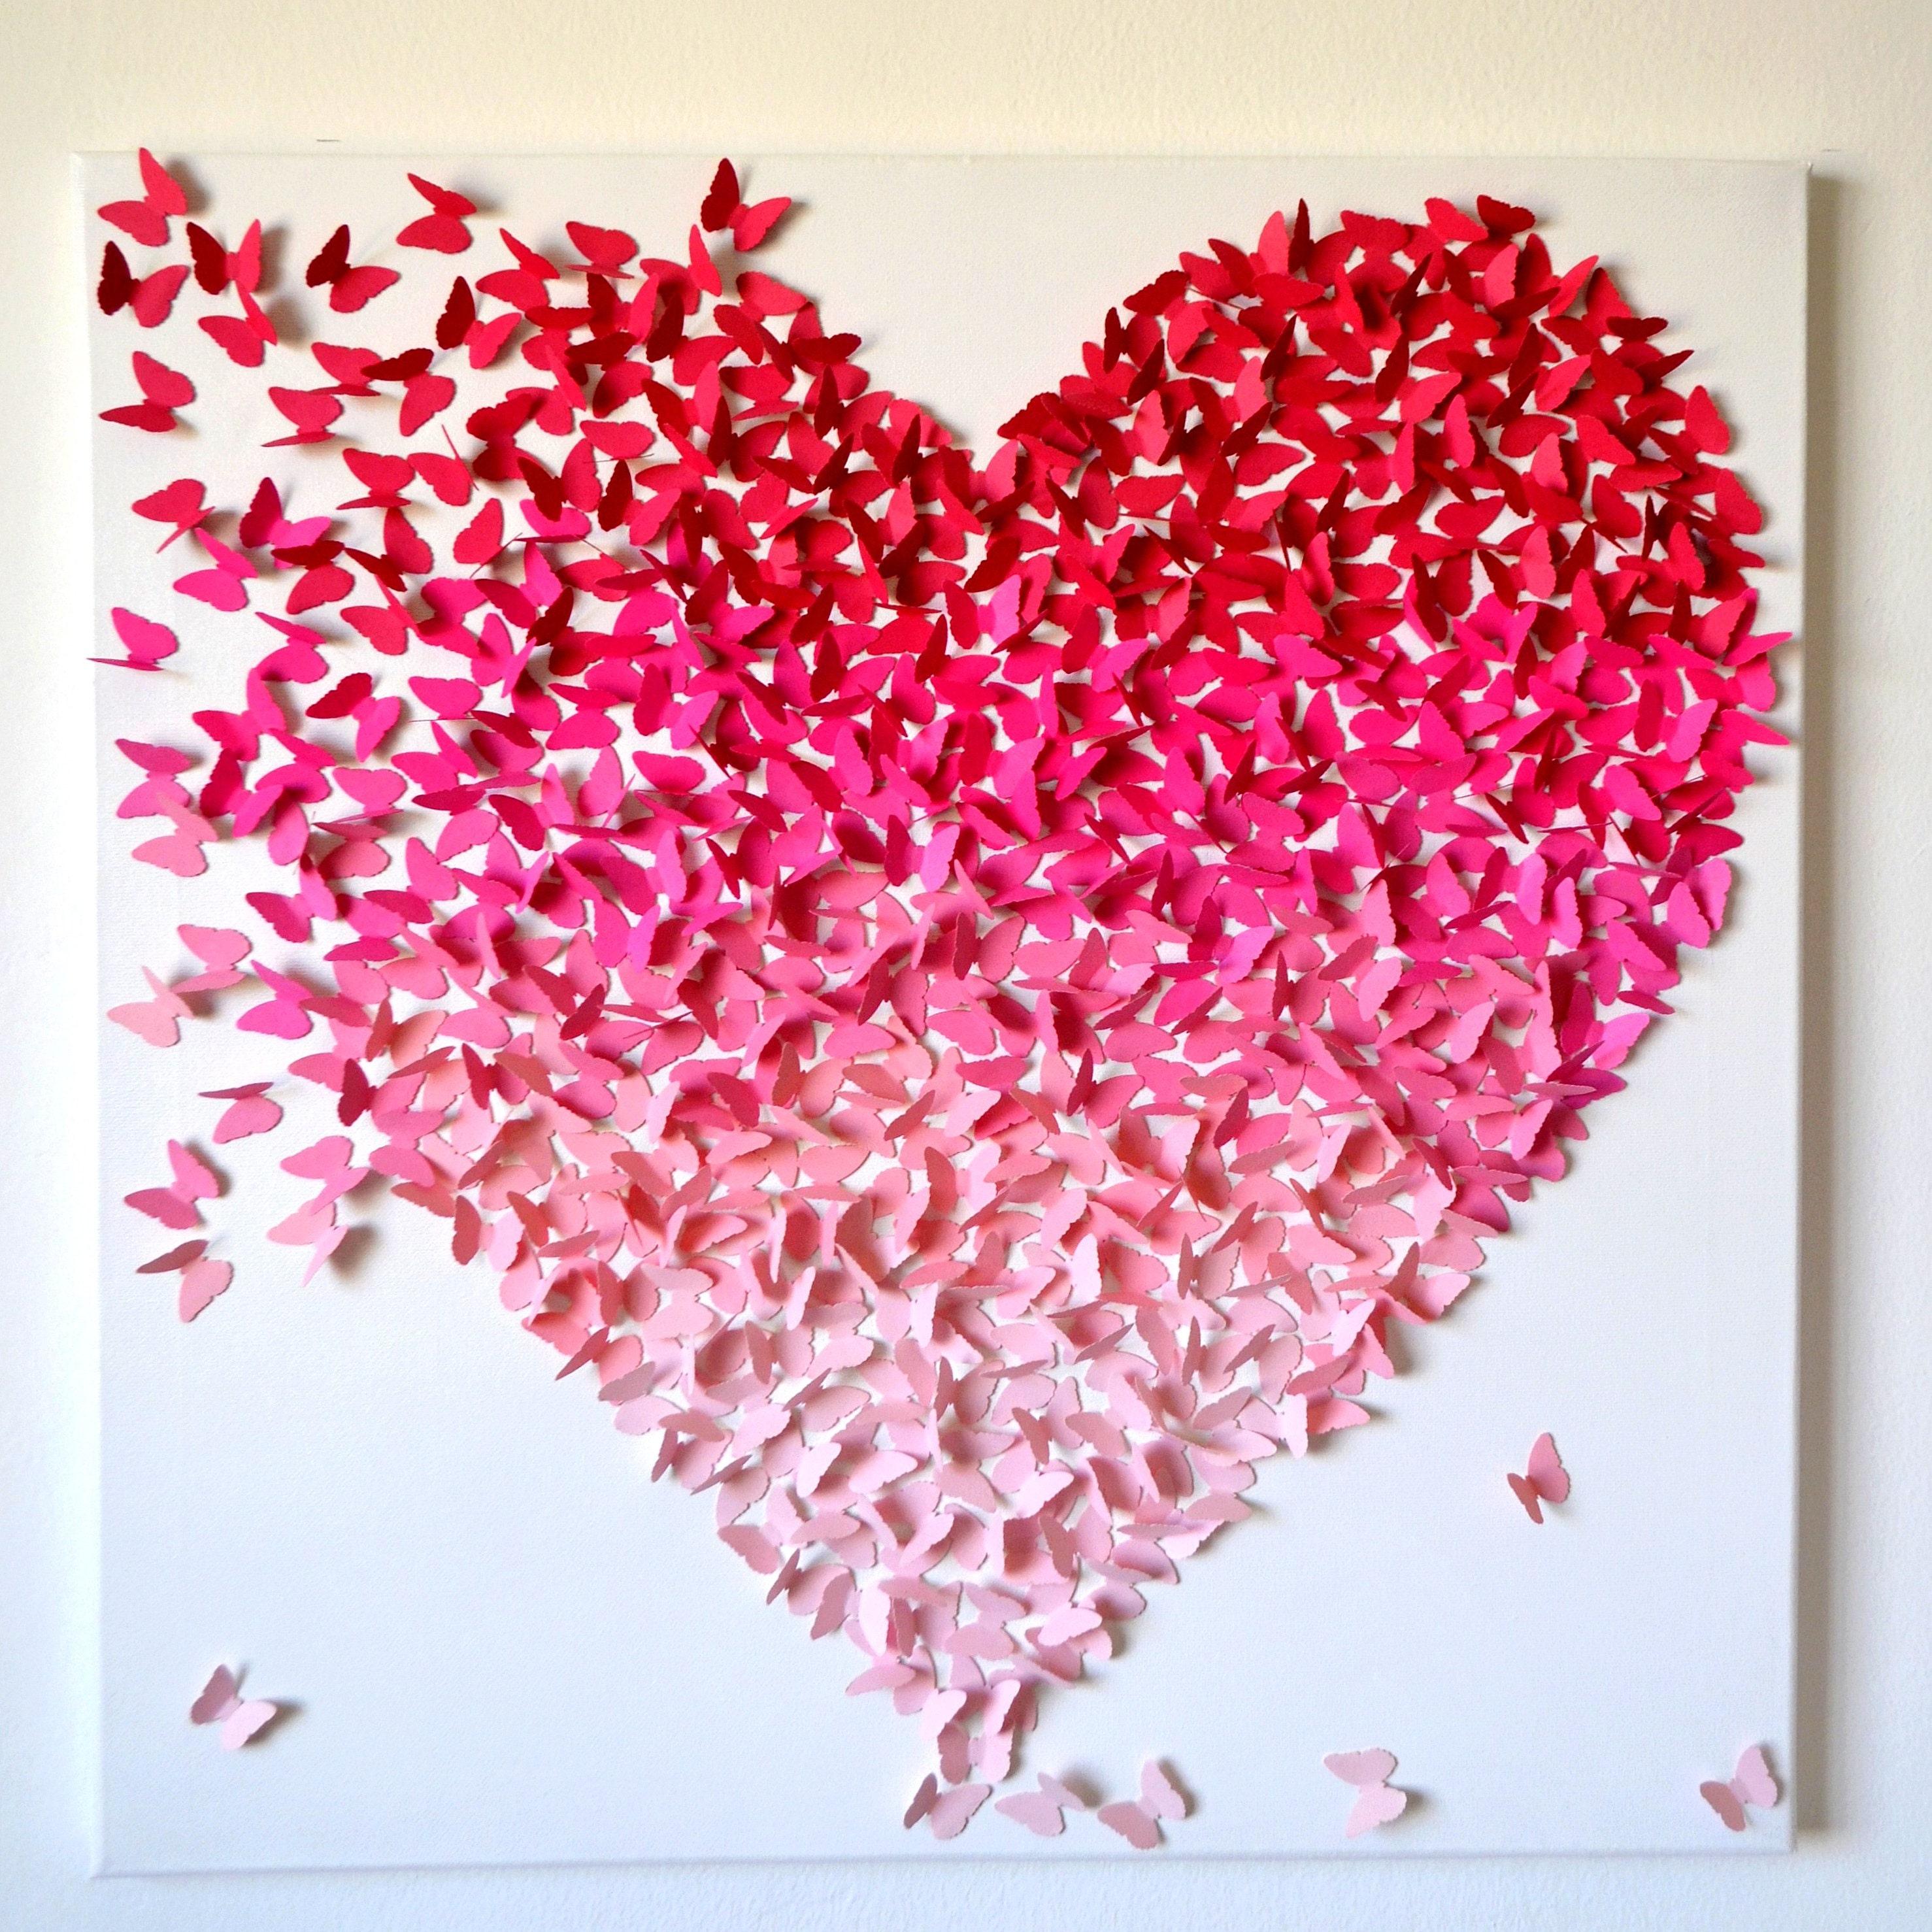 туфли картинки поделки из бумаги сердца целом шубы пятигорске